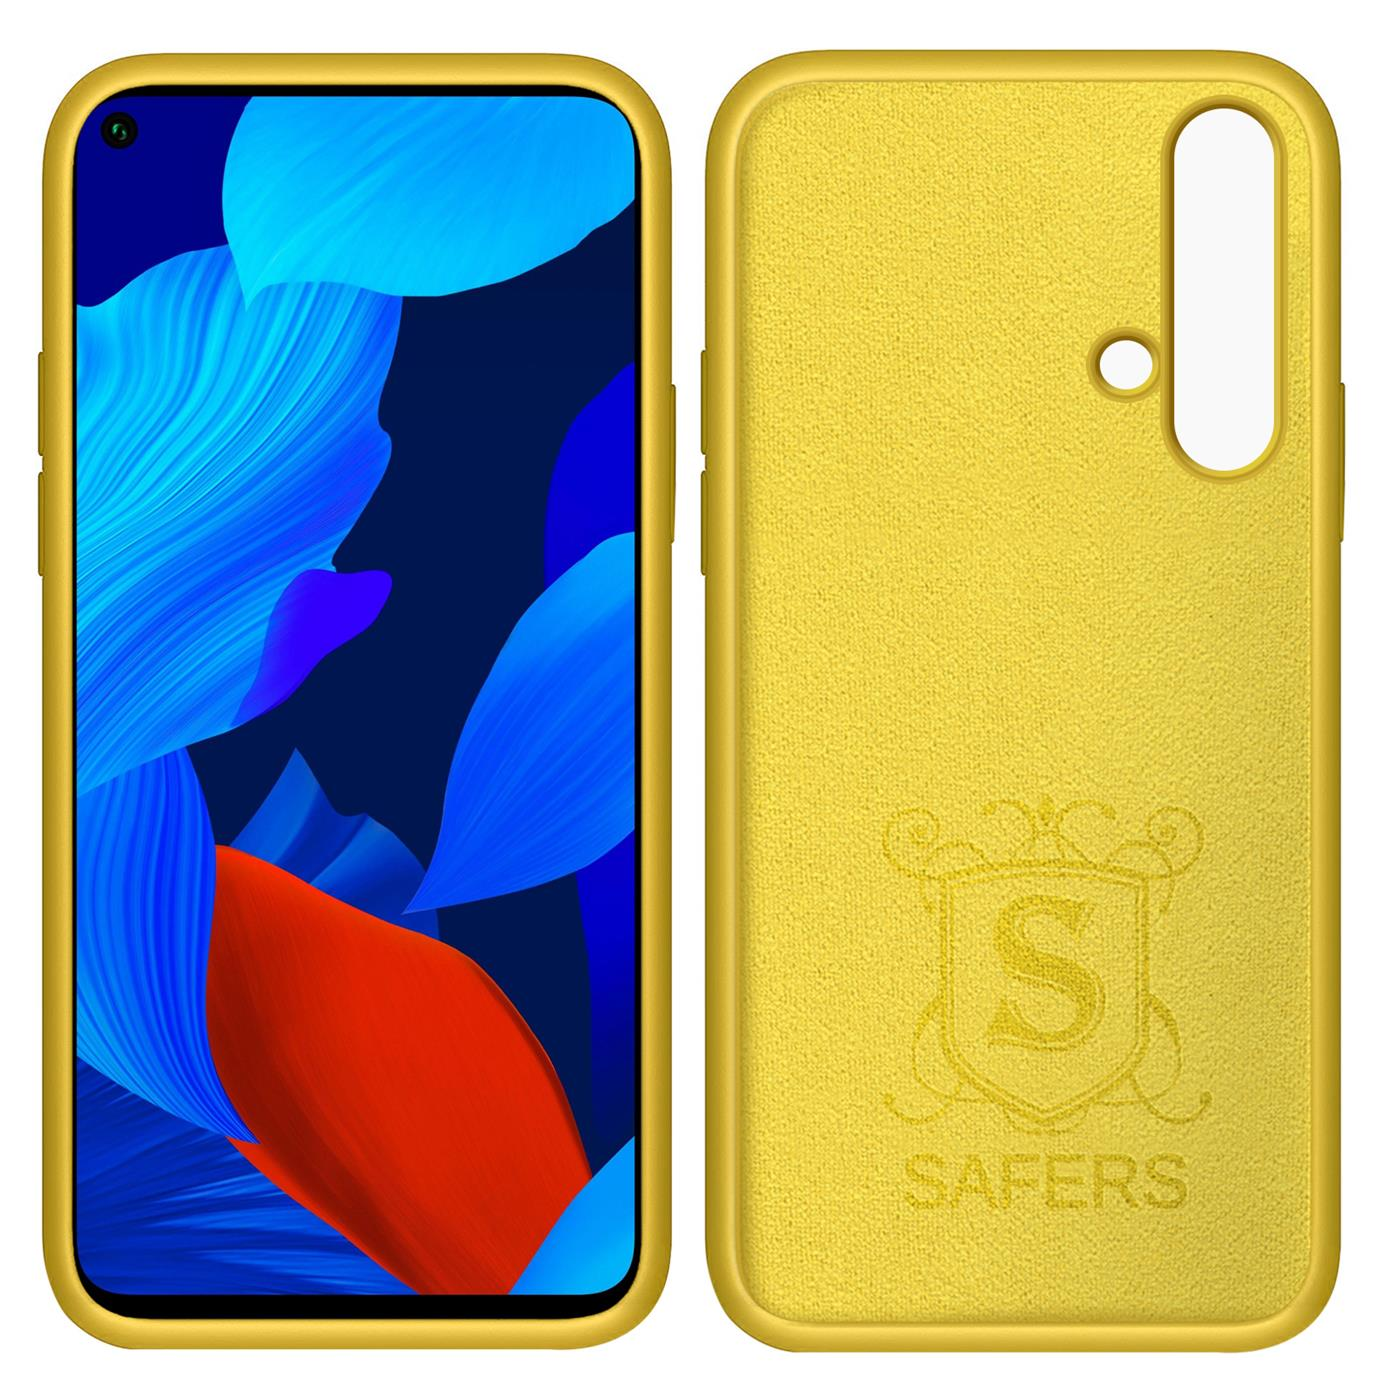 Huelle-Huawei-Nova-5T-Handy-Schutz-Cover-Silikon-Gel-Case-Handyhuelle-Tasche Indexbild 10